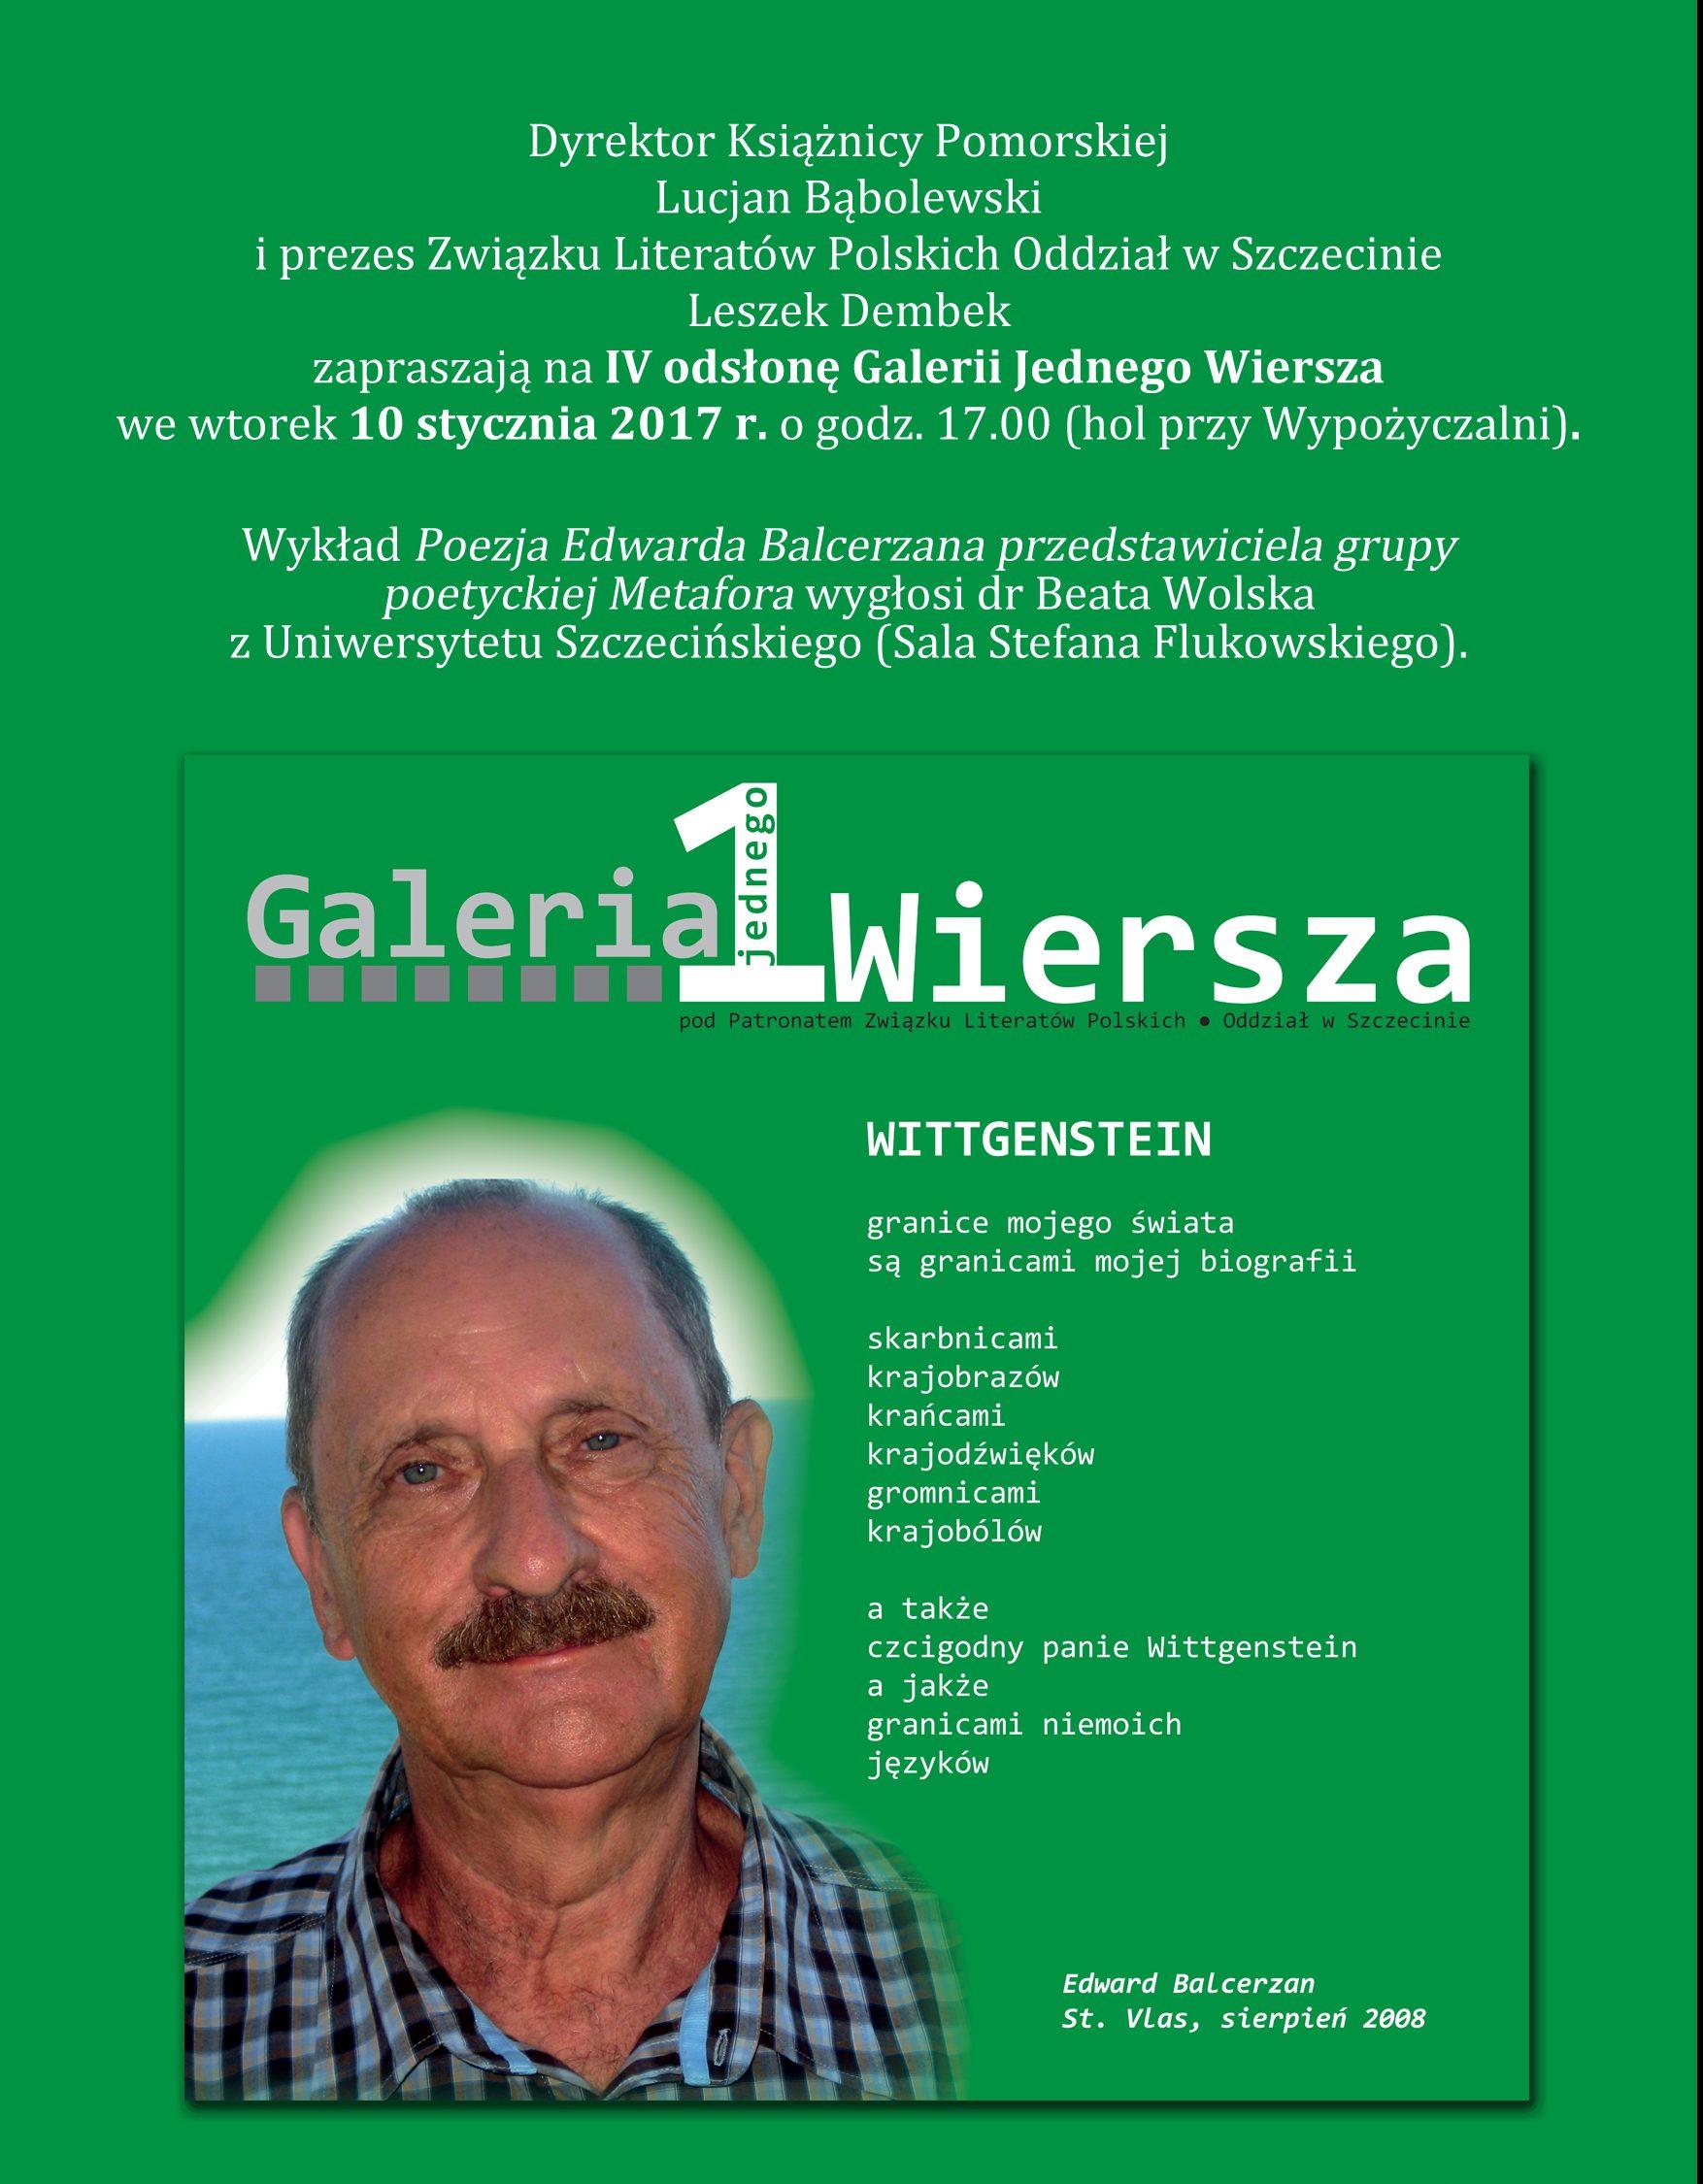 Galeria Jednego Wiersza - Wittgenstein Edwarda Balcerzana